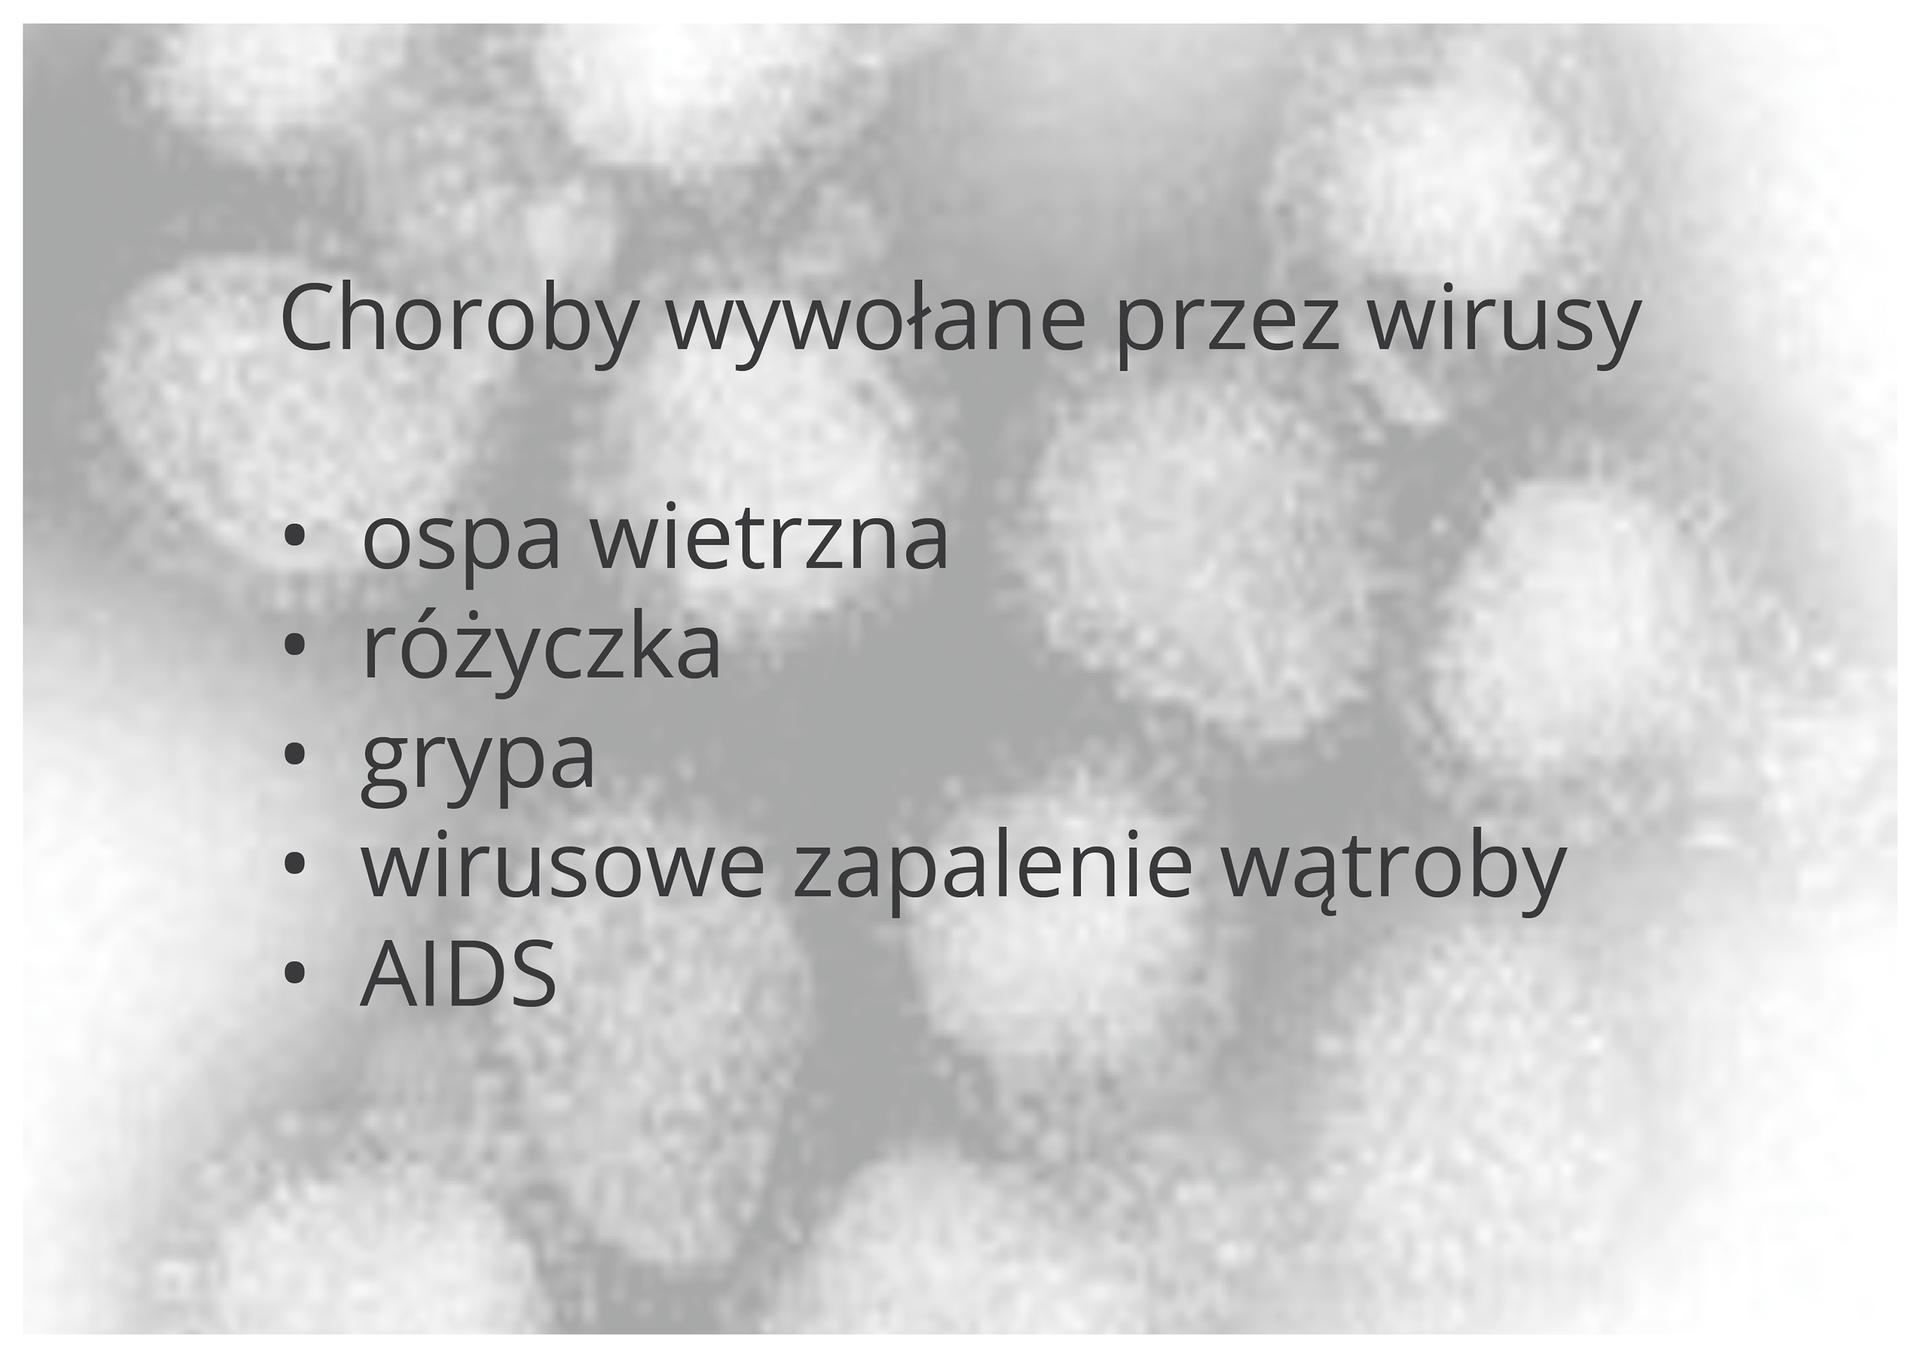 Choroby wywołane przez wirusy